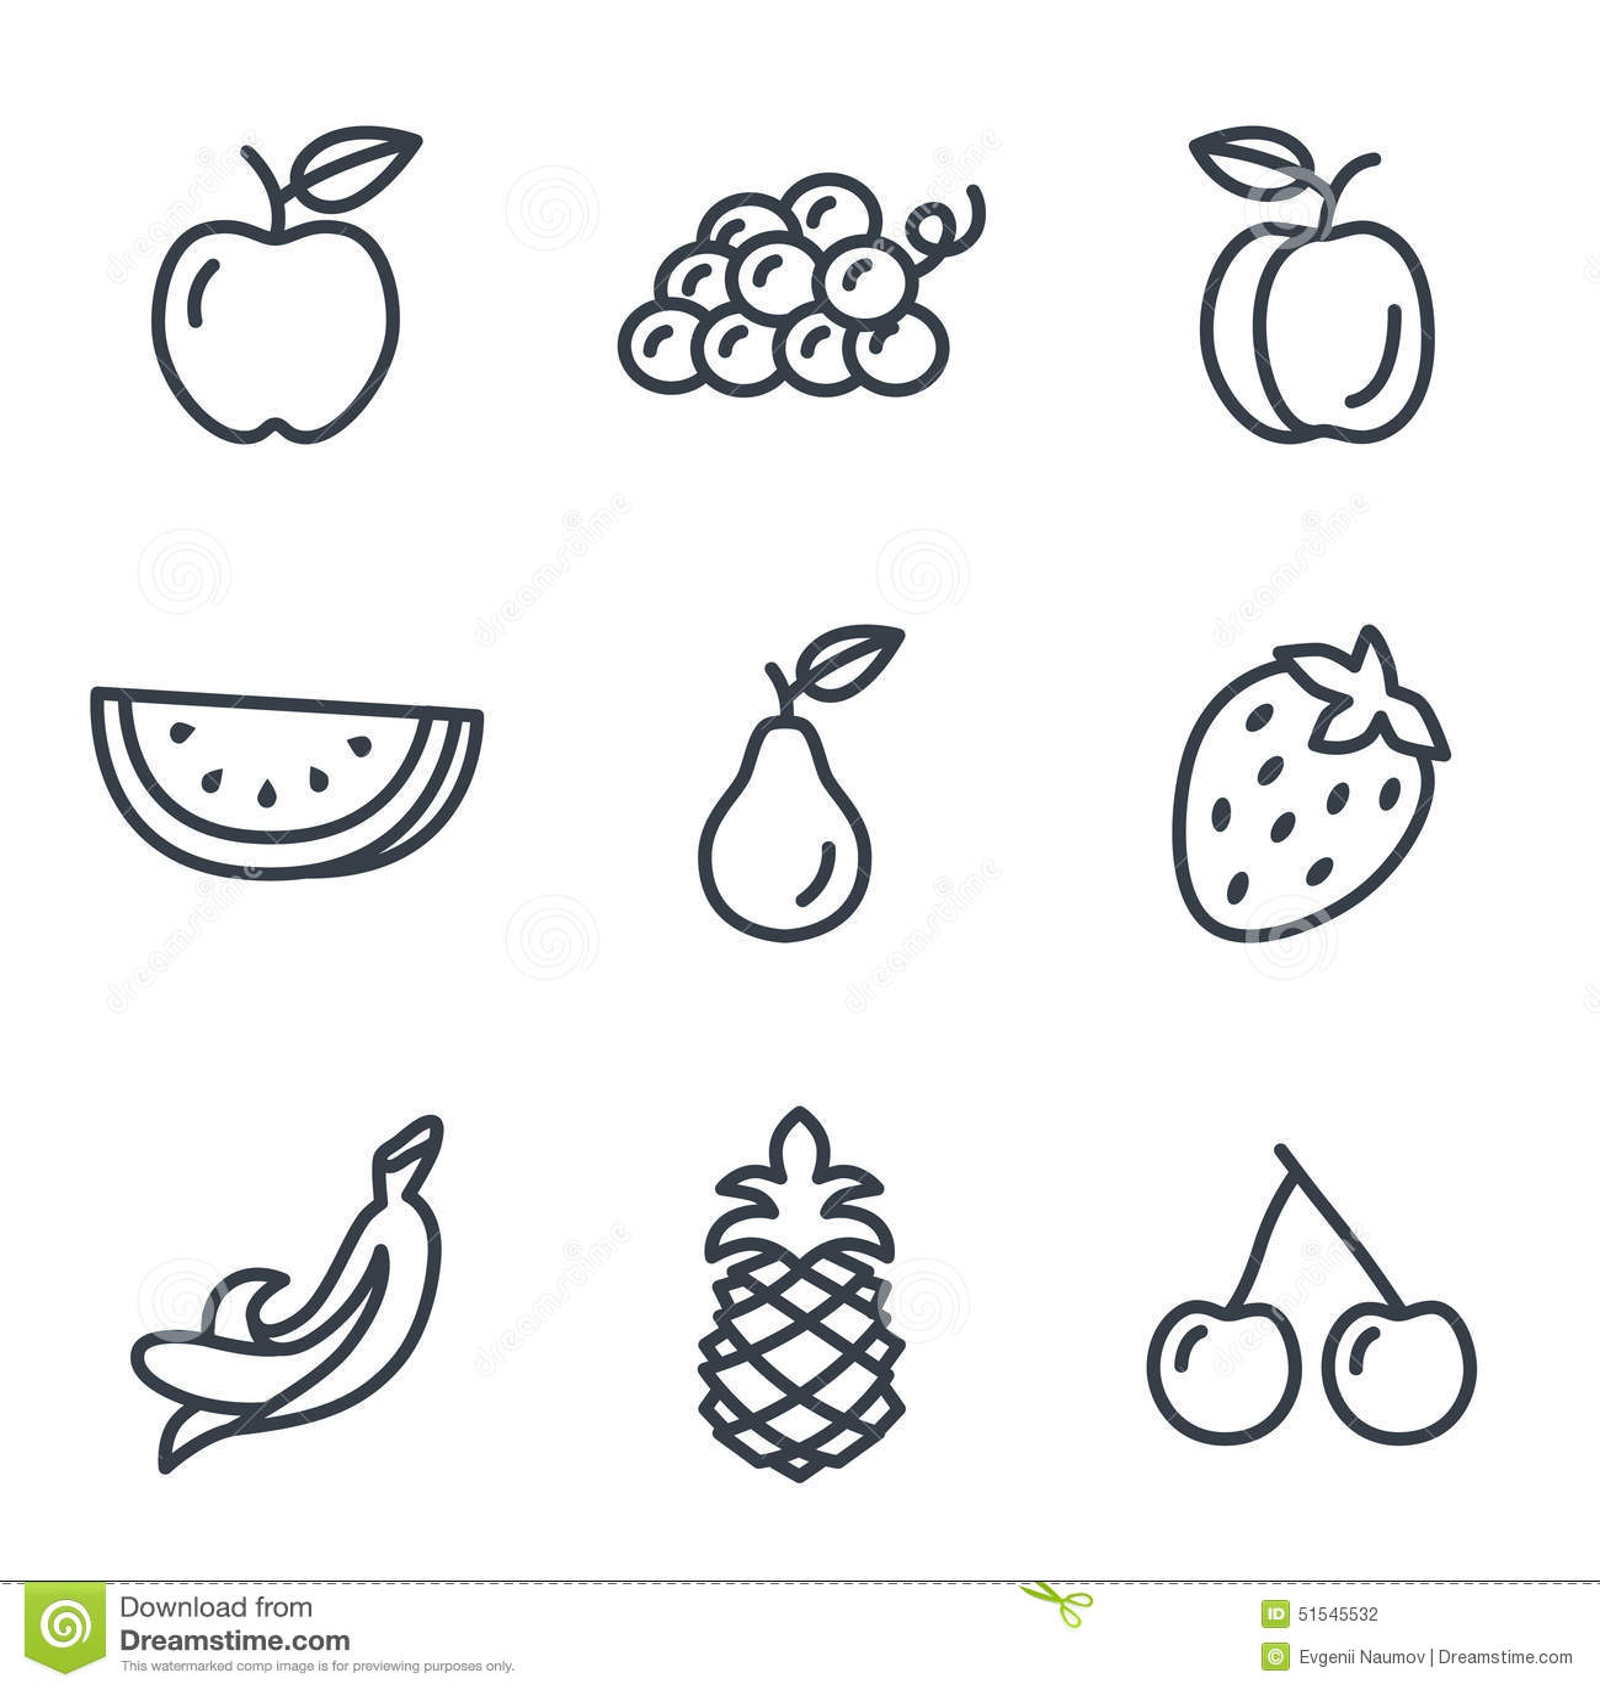 если картинка условного обозначения фрукты и овощи оформлении